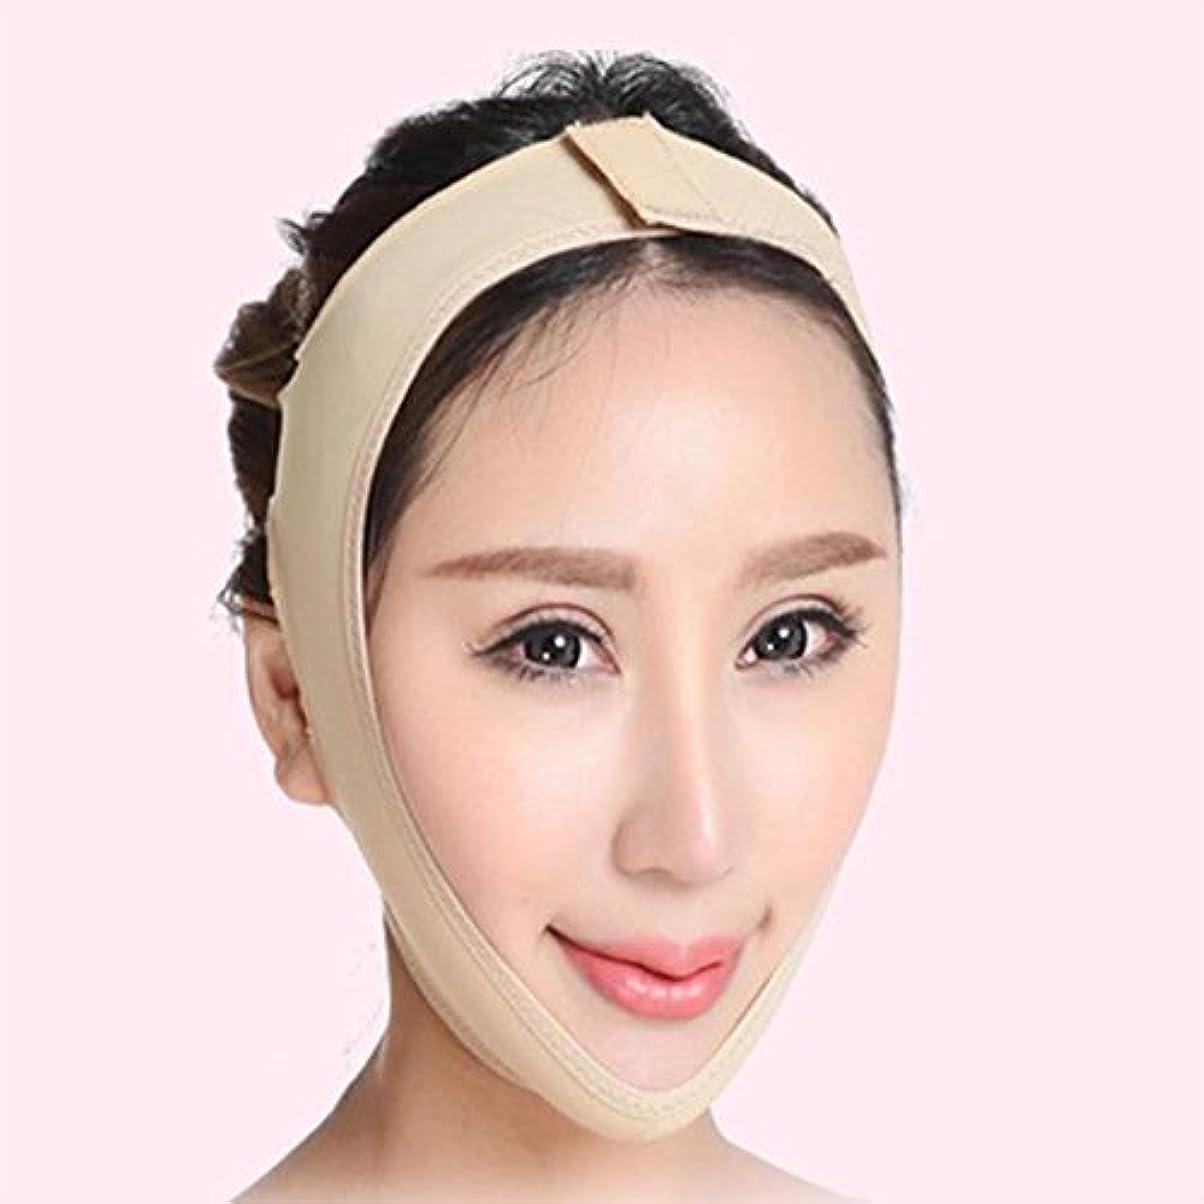 ましい富豪水曜日SD 小顔 小顔マスク リフトアップ マスク フェイスライン 矯正 あご シャープ メンズ レディース XLサイズ AZD15003-XL